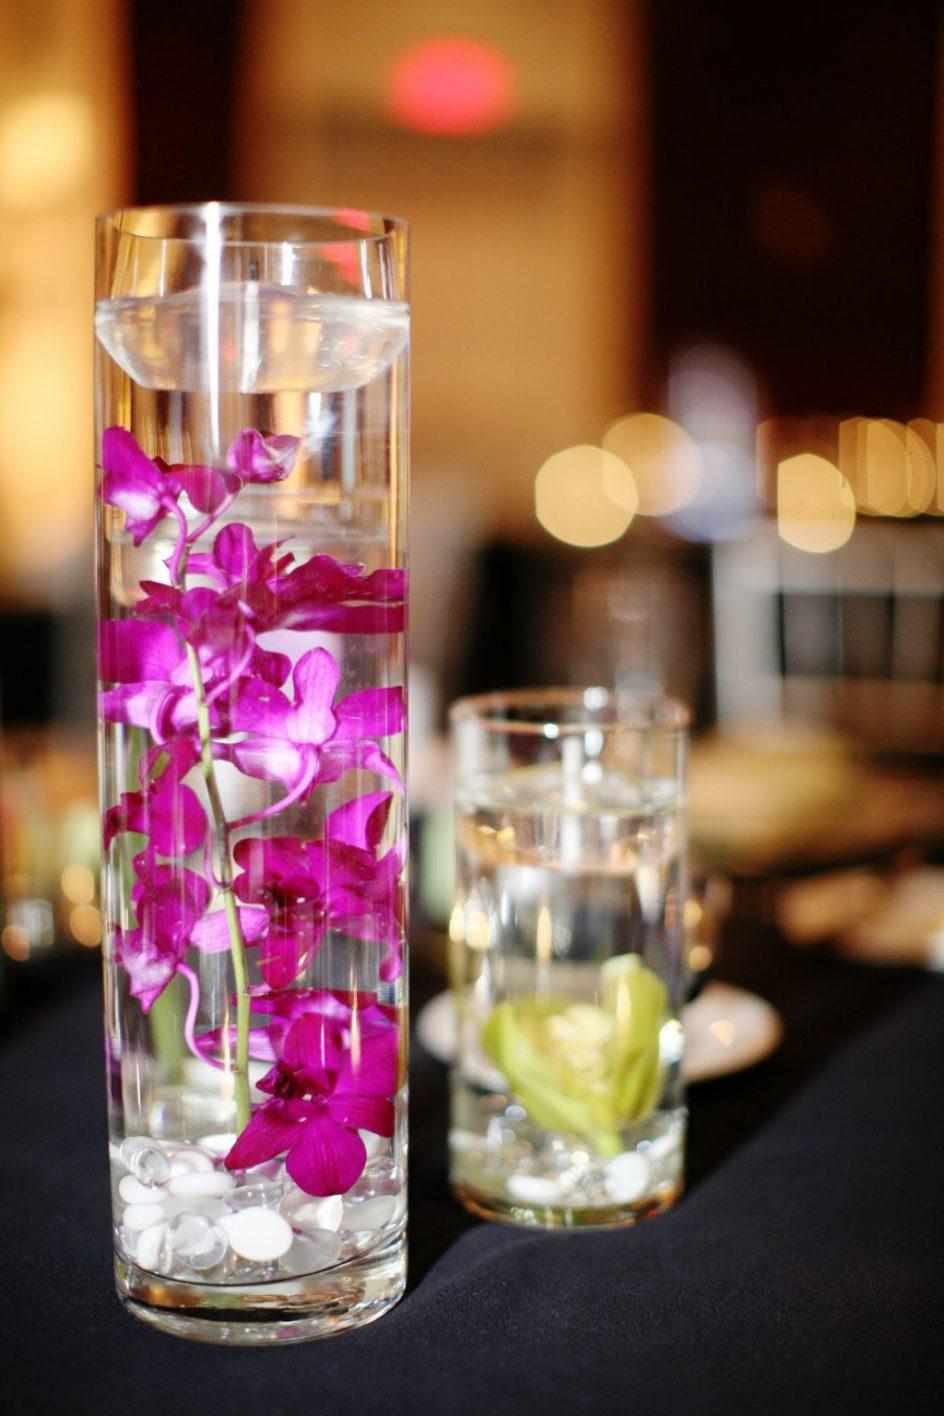 elegant-floating-vases-24-ravishing-wedding-catalog-cylinder-vase-centerpiece-candles-glass-ideas-1024x1536-944x1416.jpg